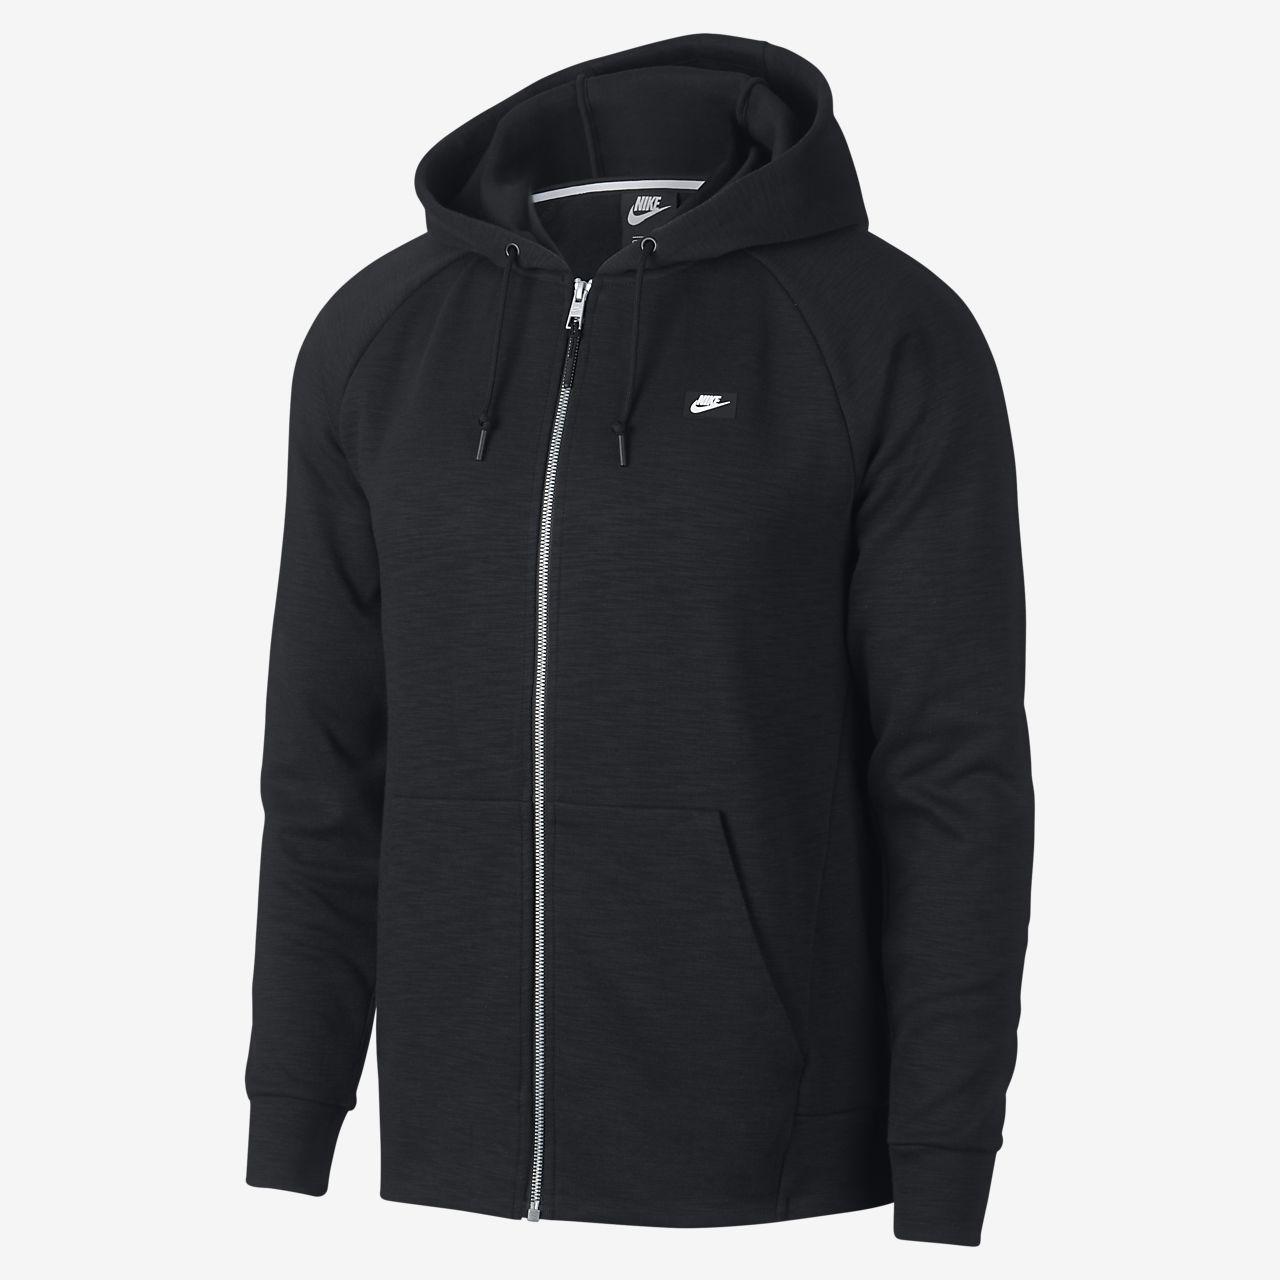 Nike Sportswear Optic Herren Hoodie mit durchgehendem Reißverschluss